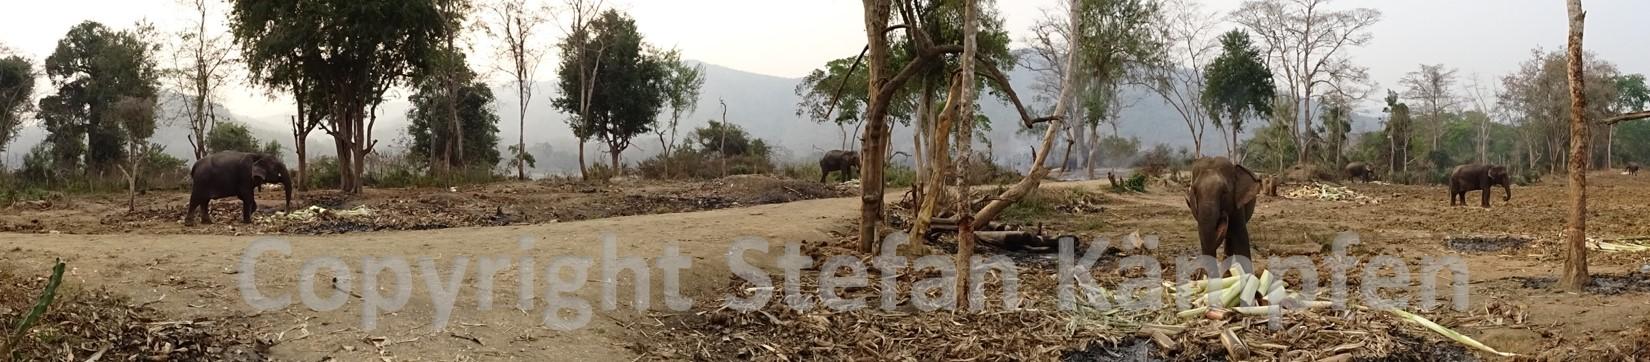 Elefanten wohin das Auge reicht - sehr zur Freude der Touristen